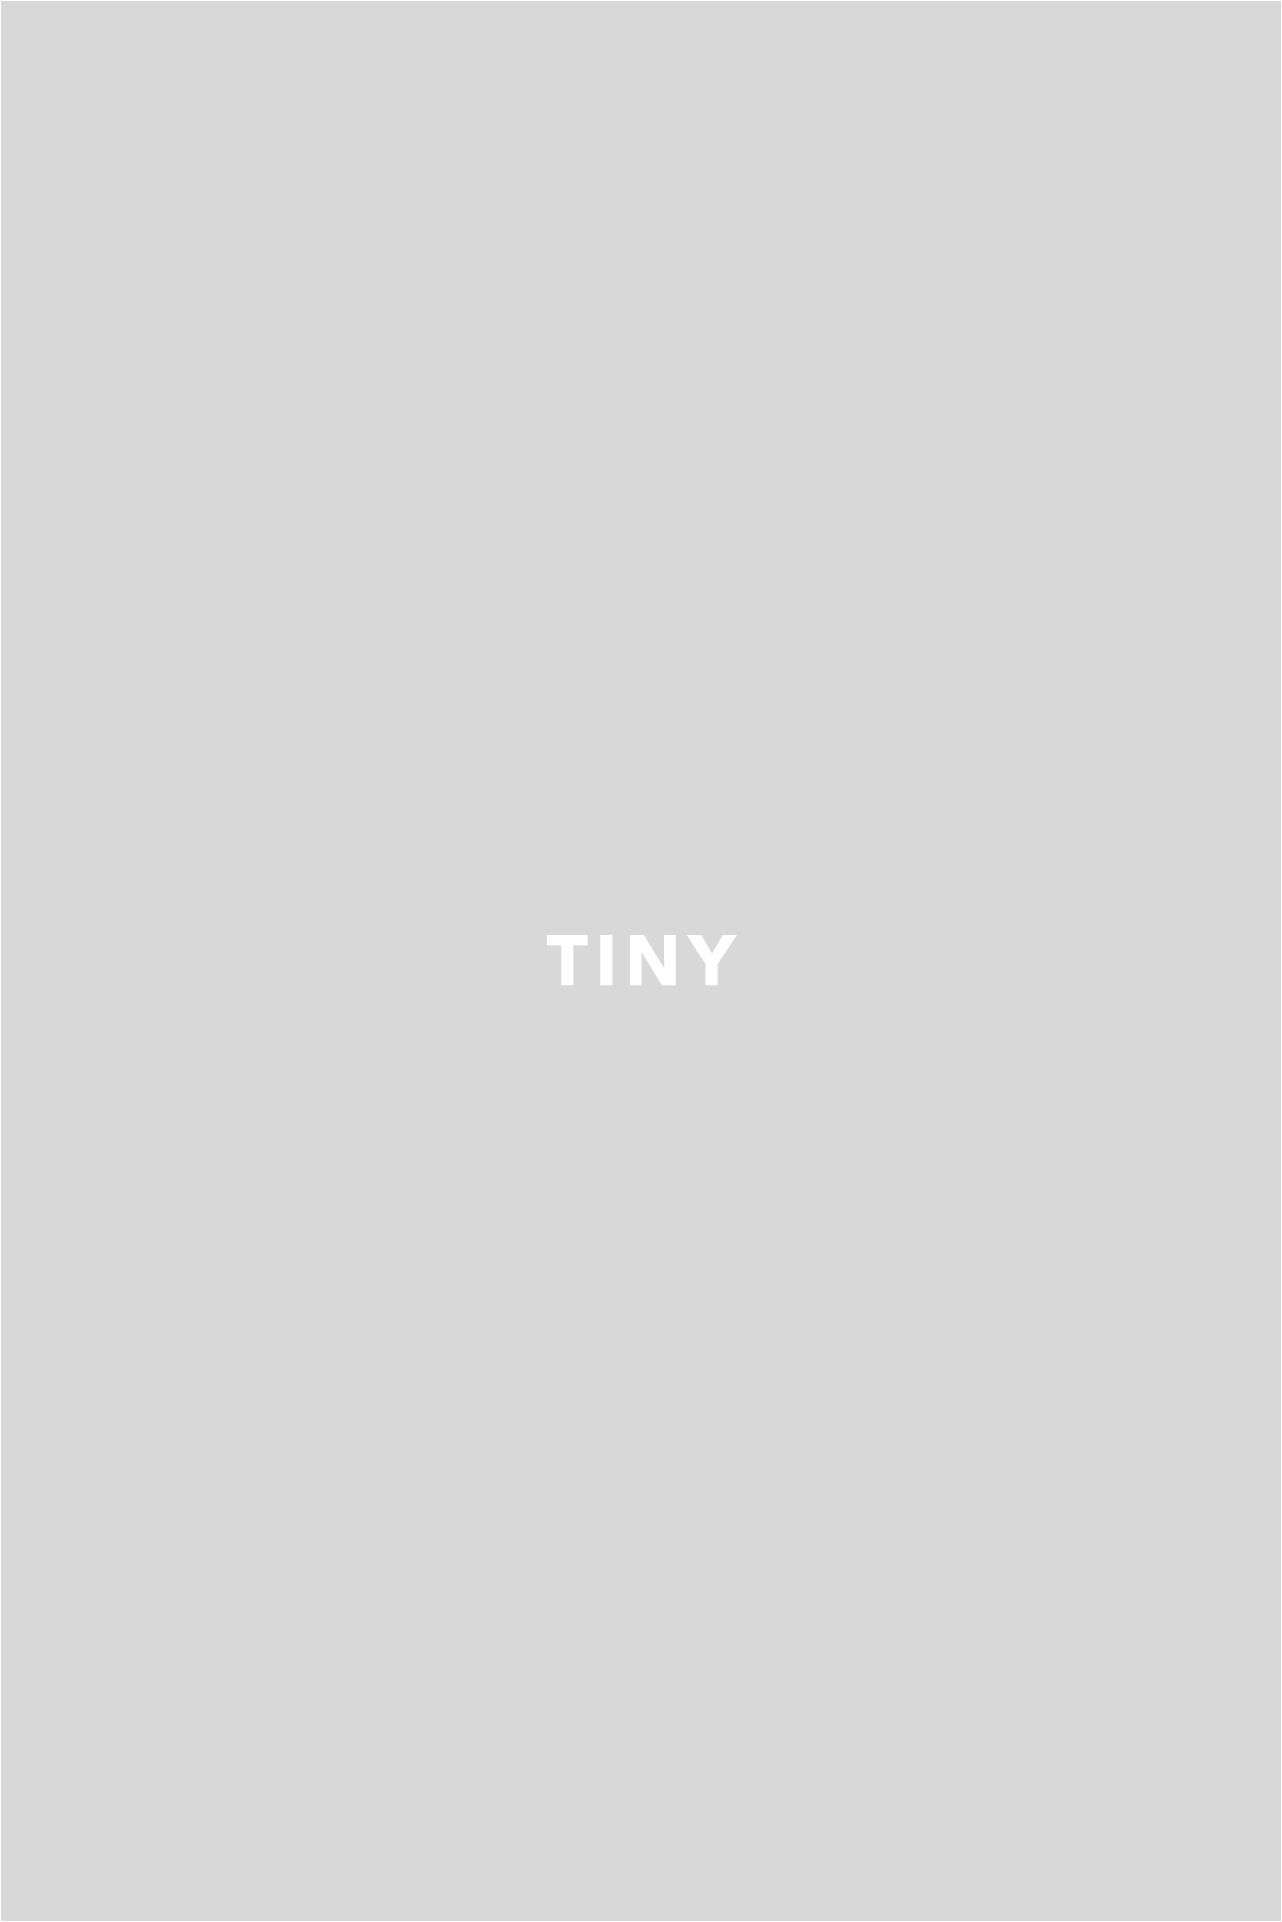 Jersey TINY Fox